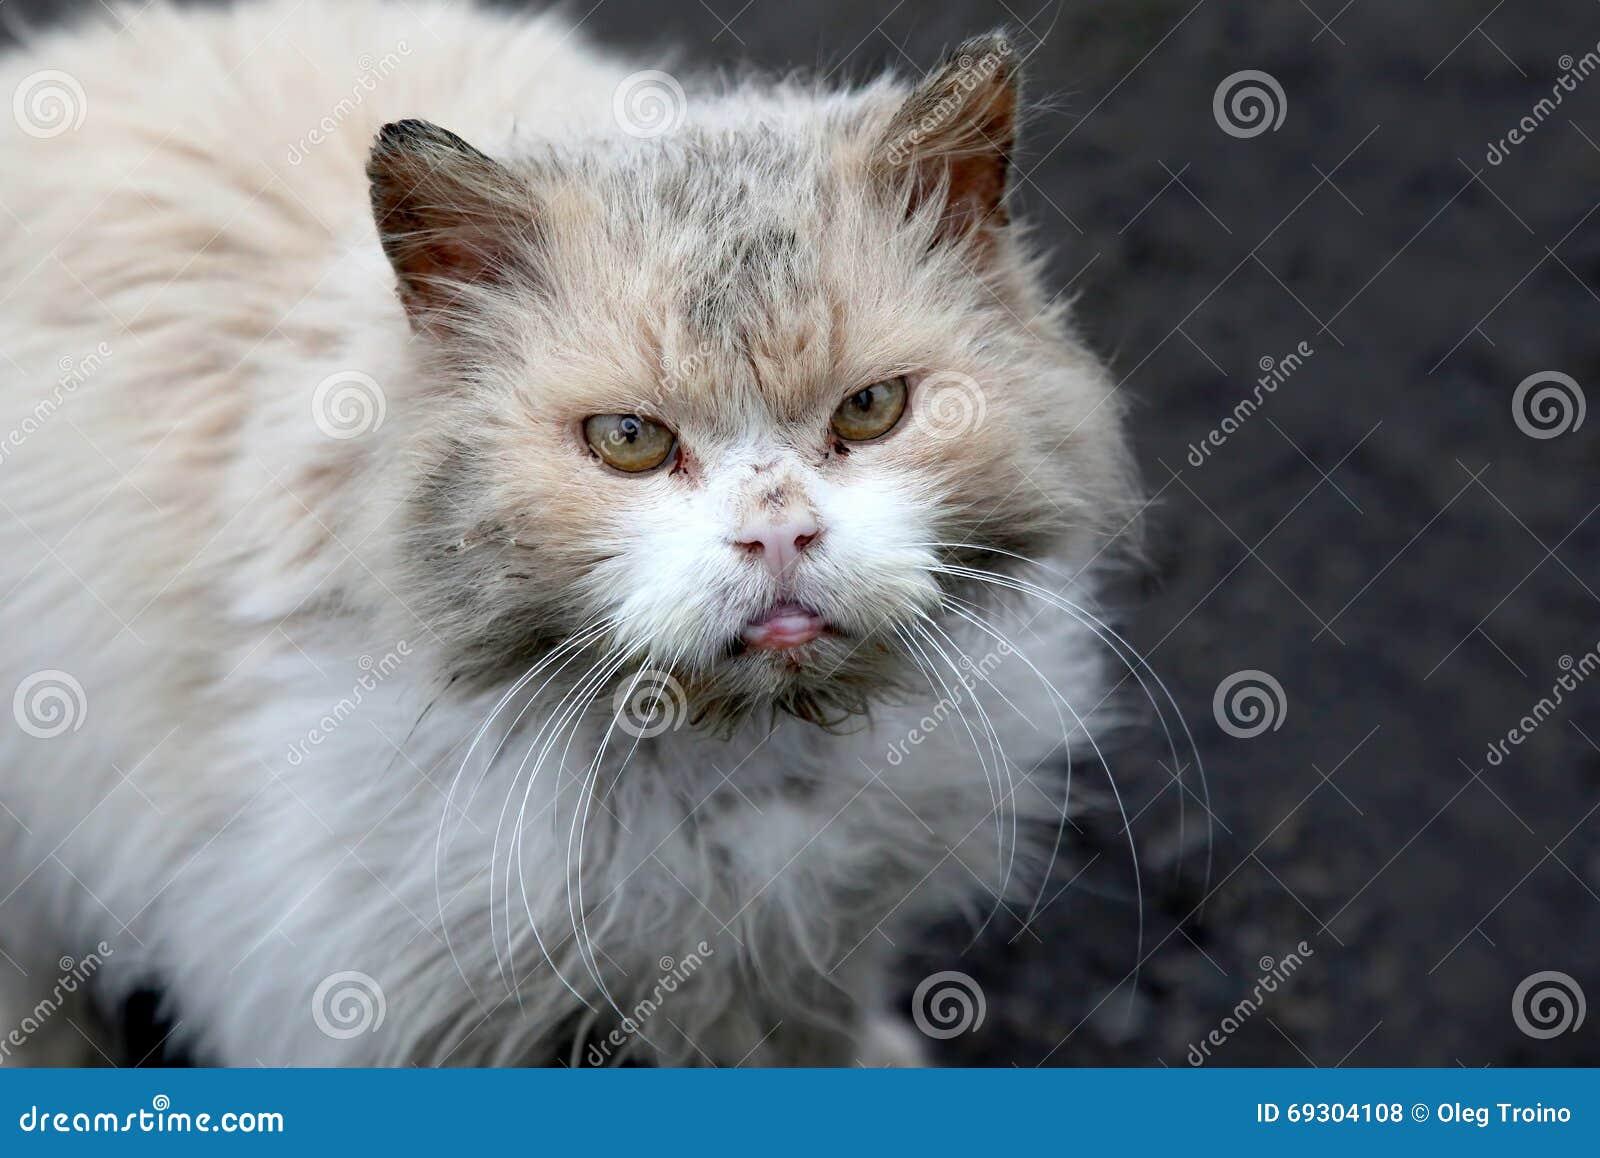 Brudny bezdomny uliczny gderliwy kot